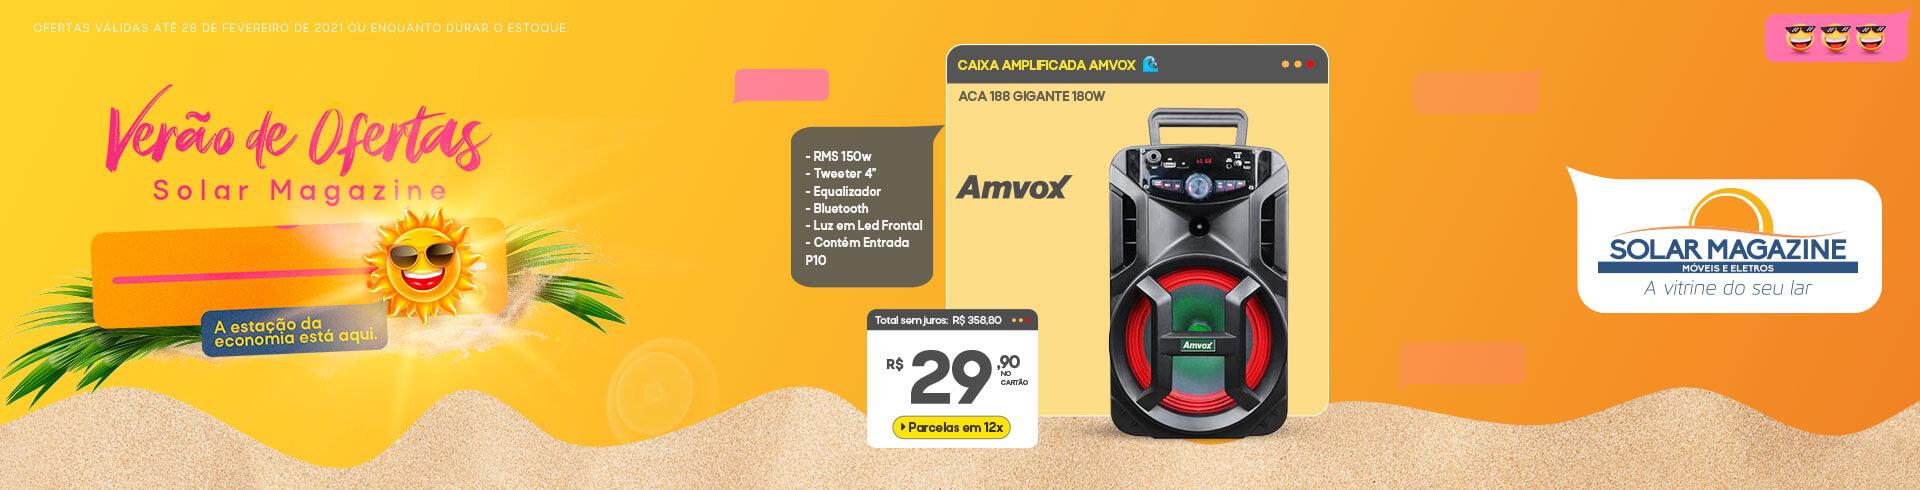 [1] Caixa Amvox 01 a 15/02